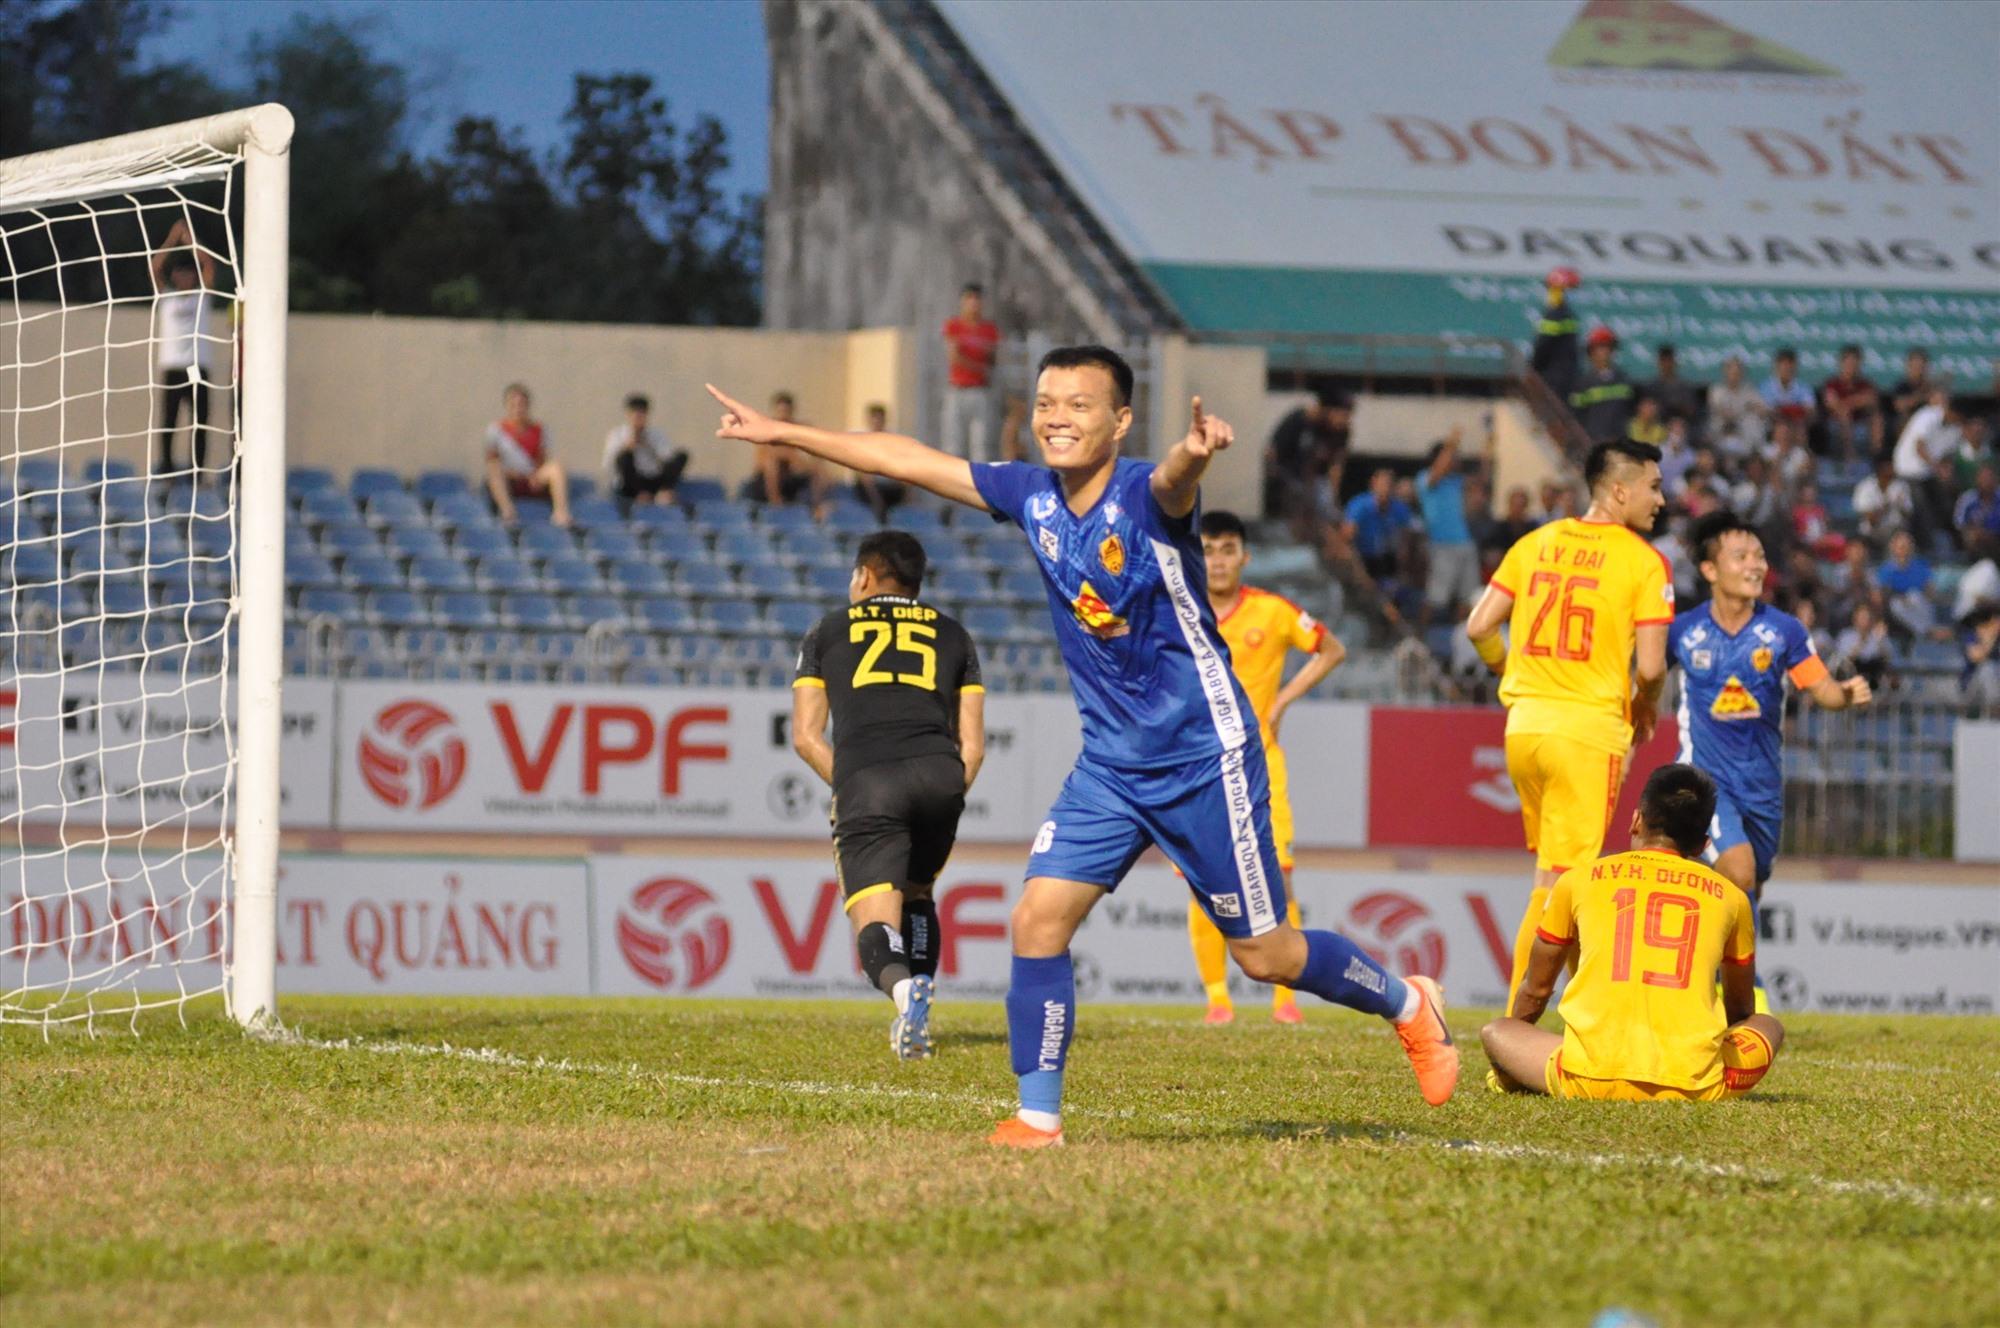 Niềm vui của Như Tuấn sau khi ghi bàn thắng giúp đội nhà vươn lên dẫn 2-0. Ảnh: T.V